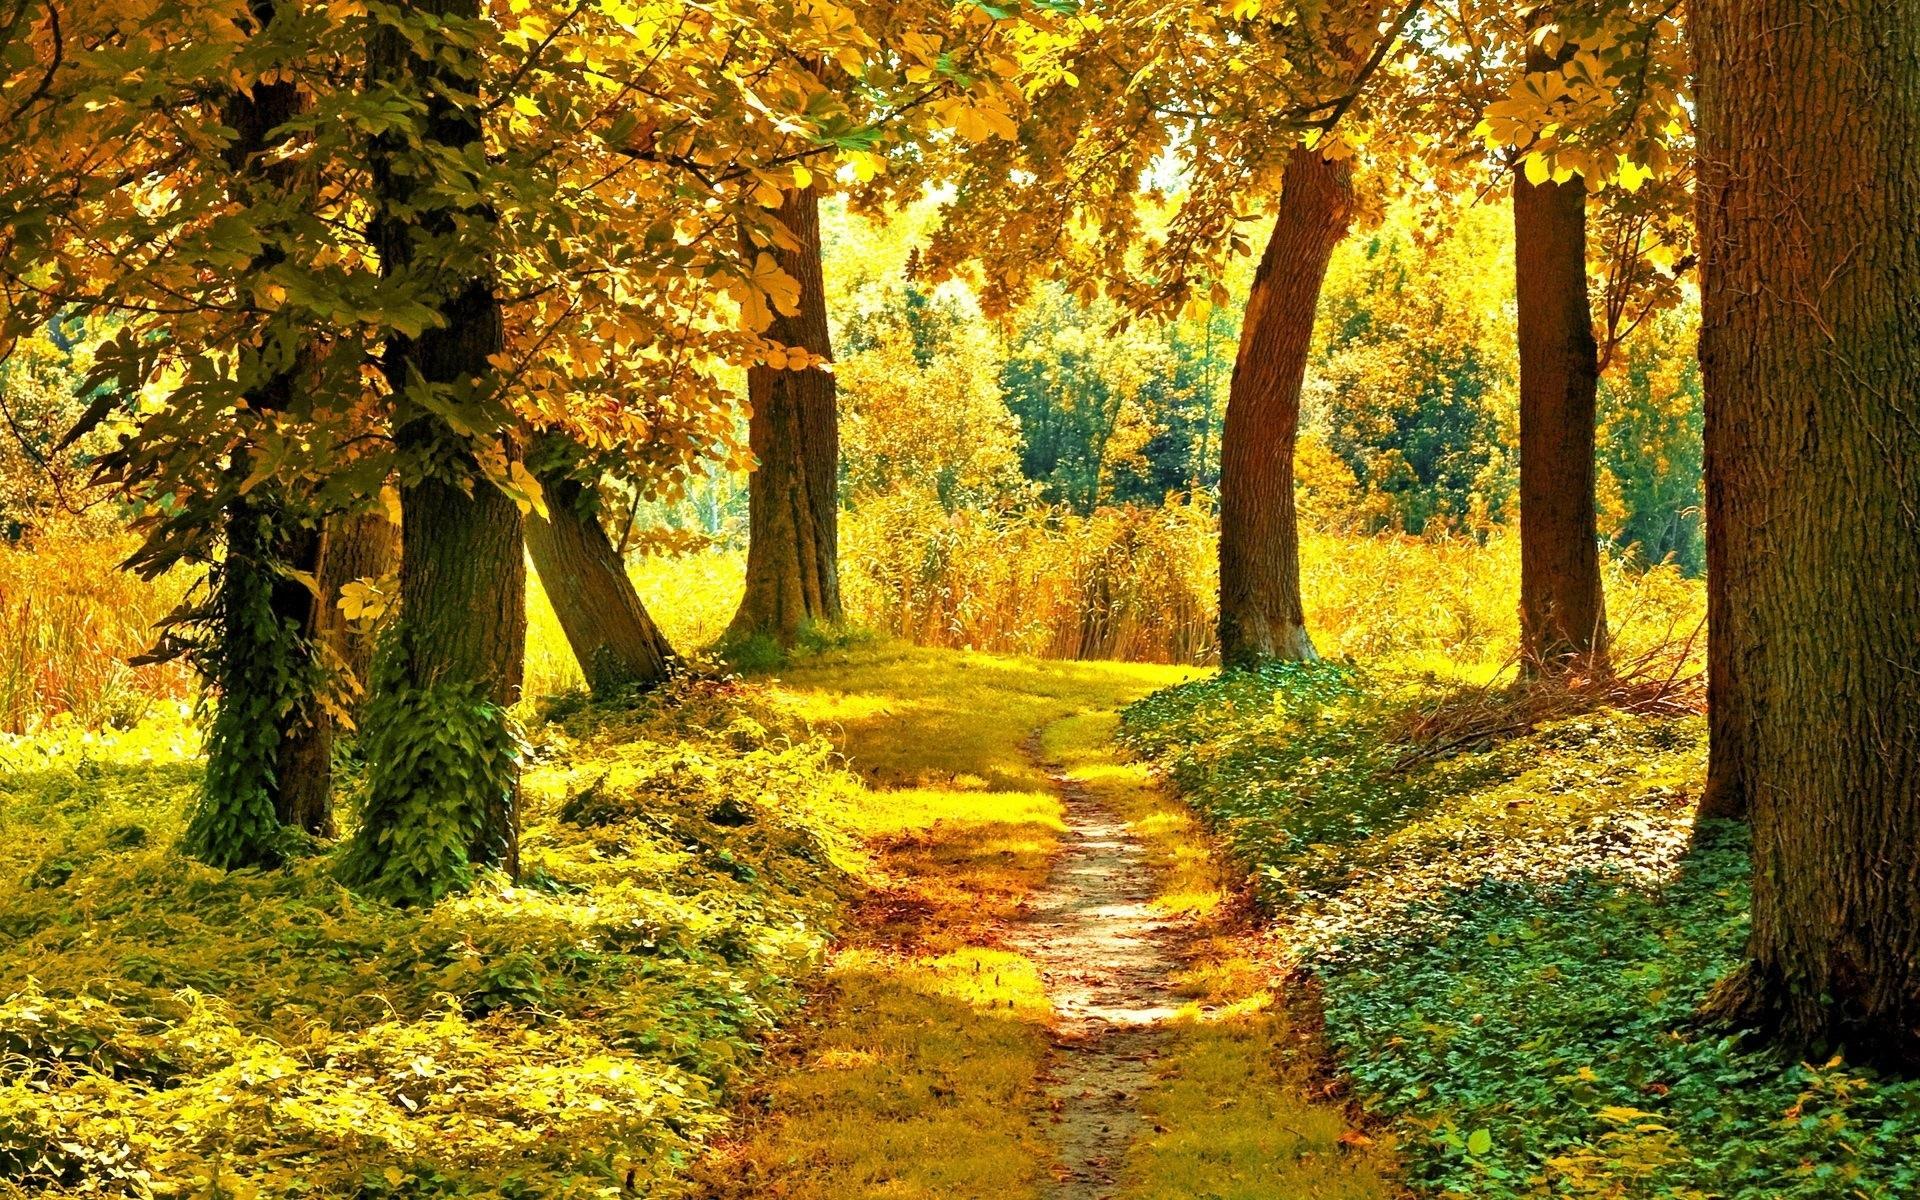 Золотая осень в лесу картинка для